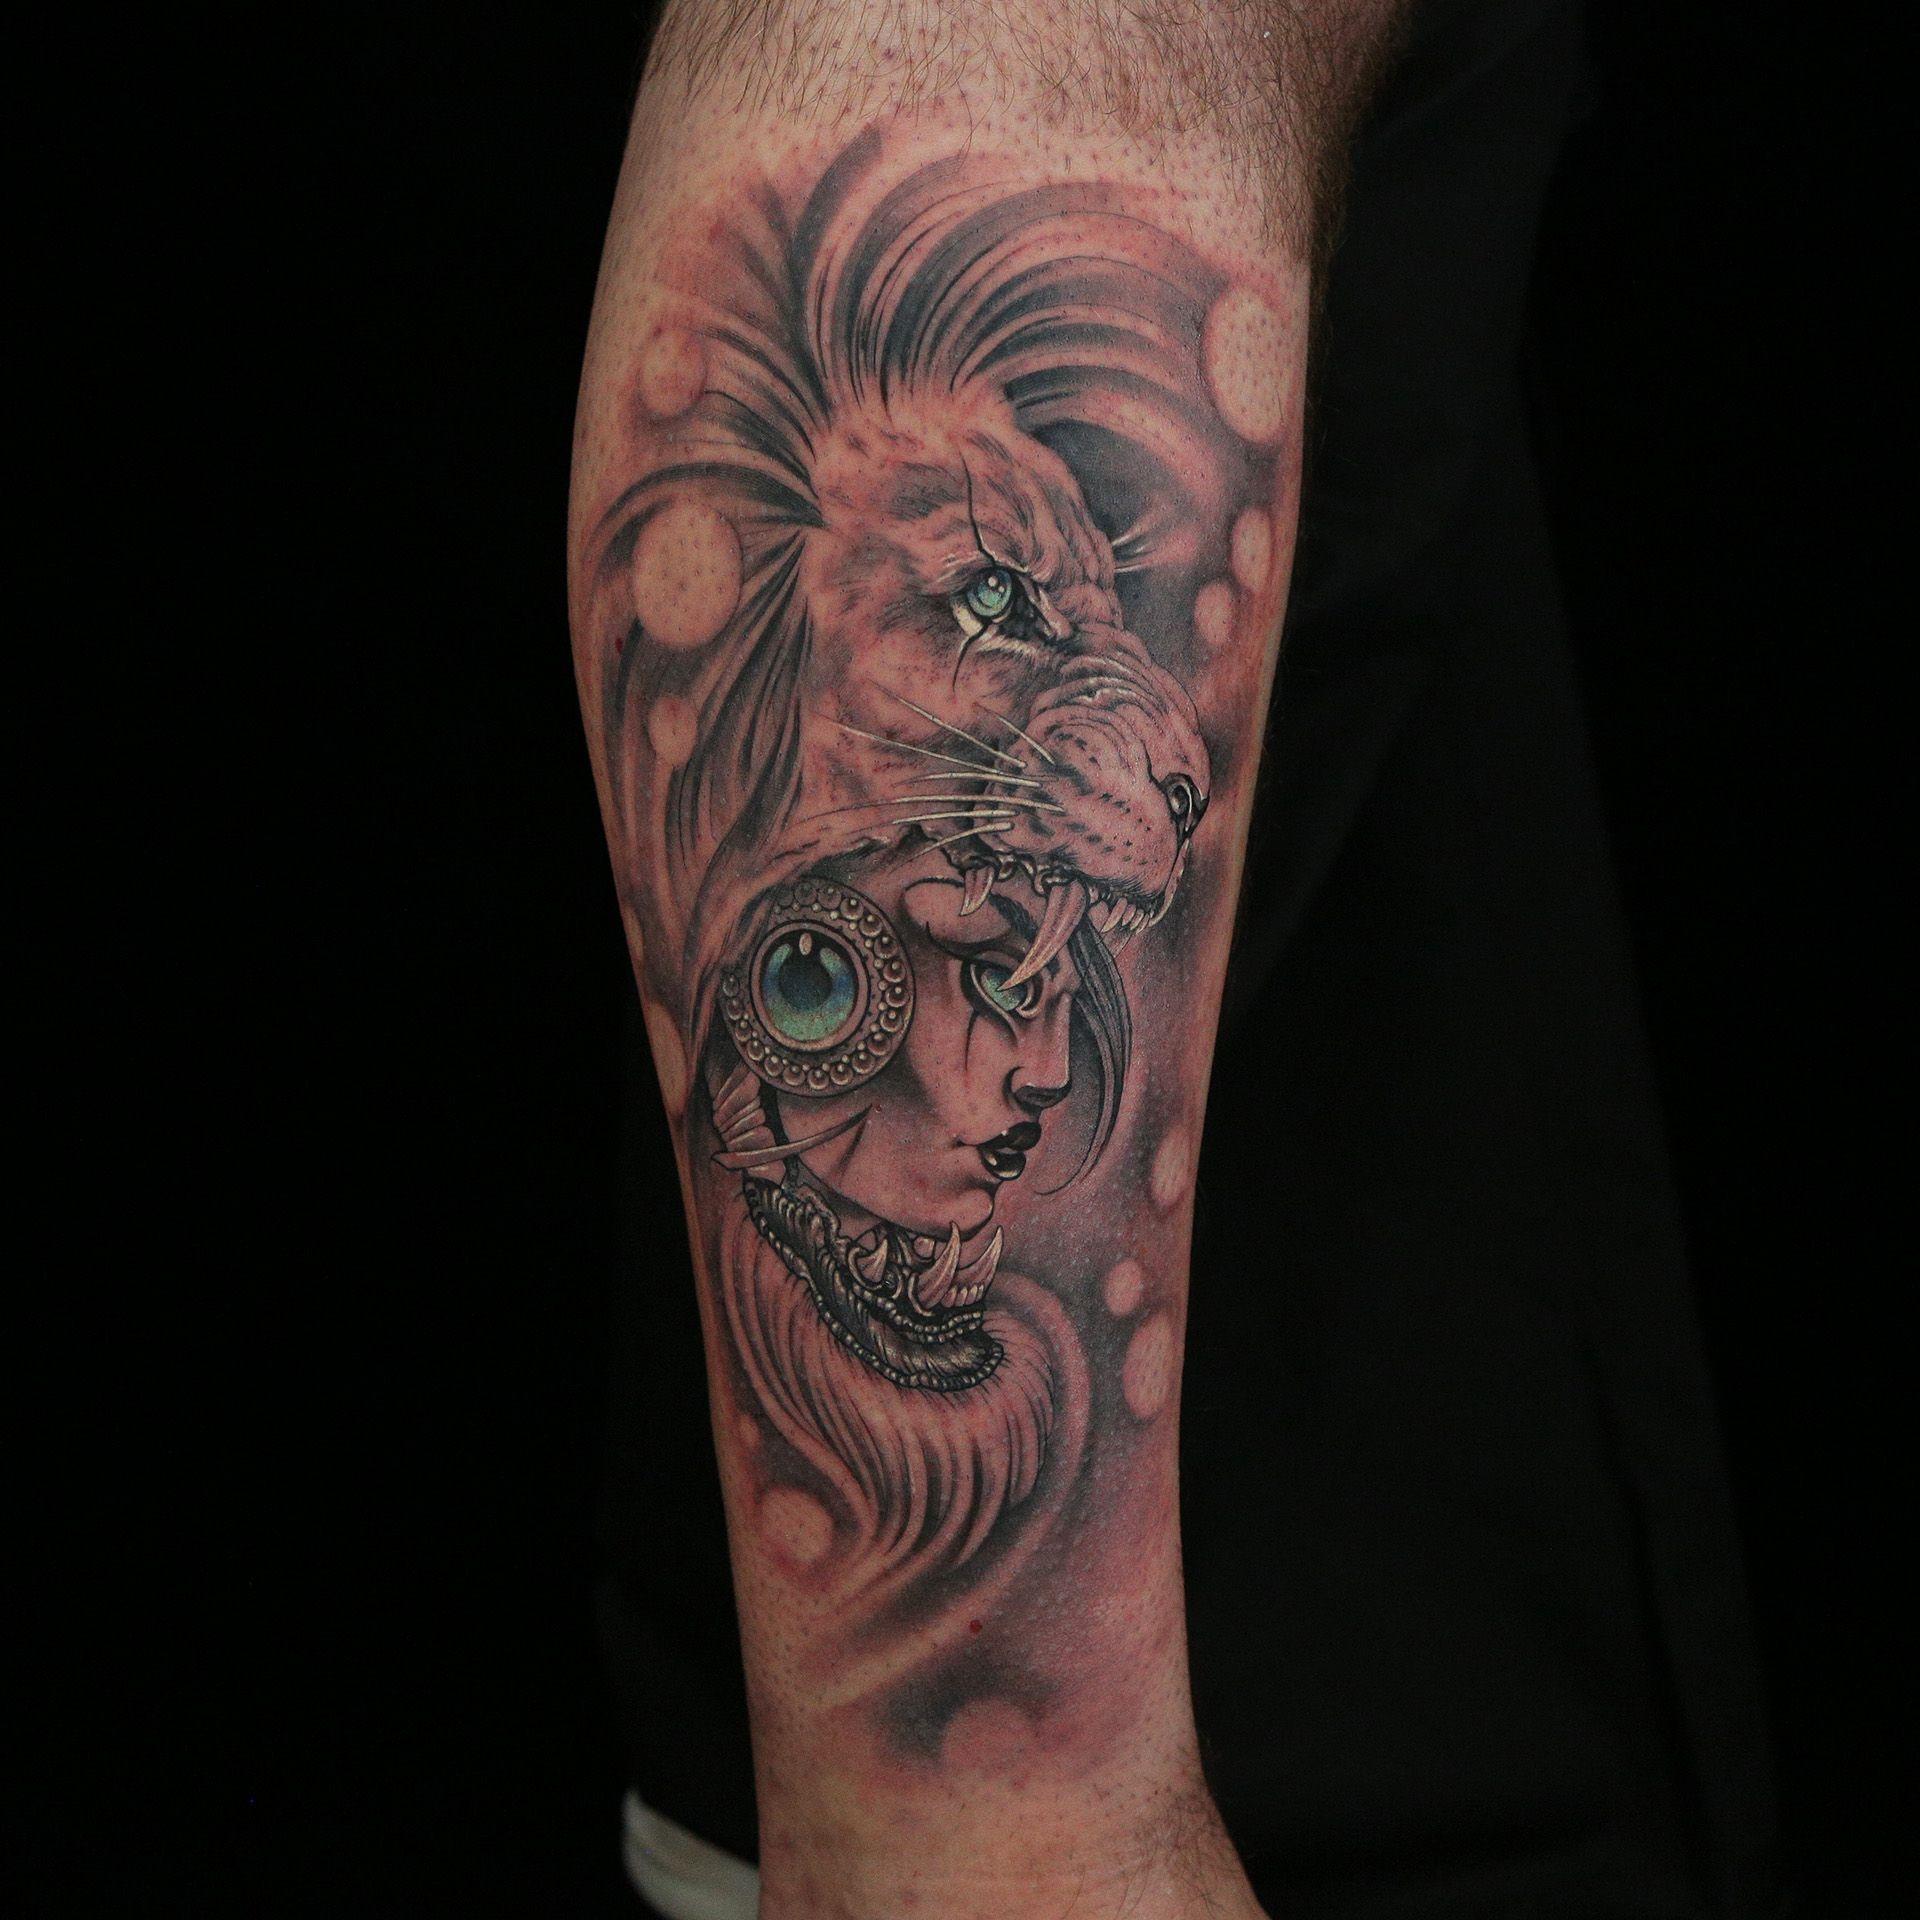 Tattoo by Daniel Silva Ink master tattoos, Black and